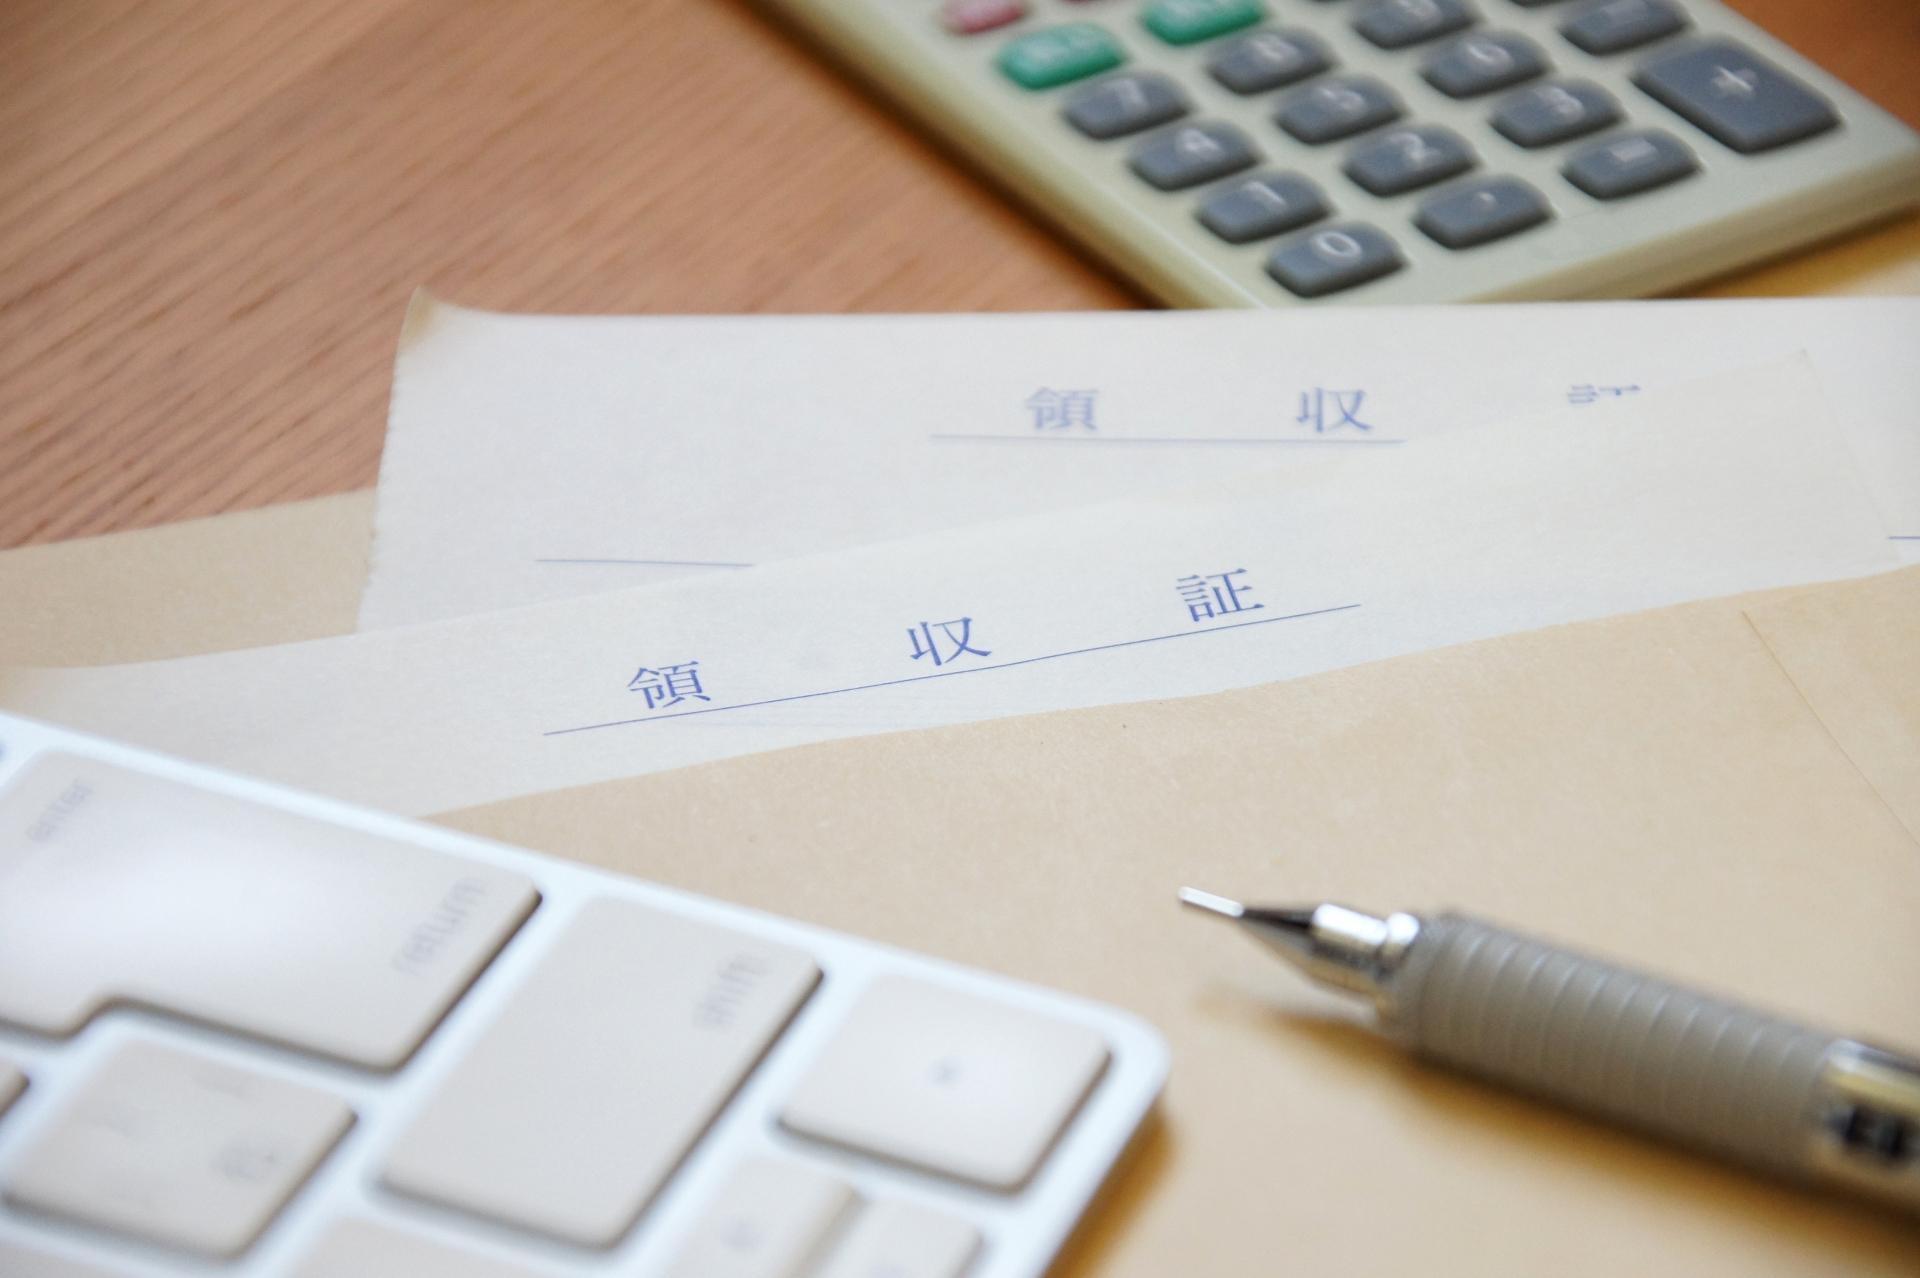 開業費を計上するメリットは節税対策!